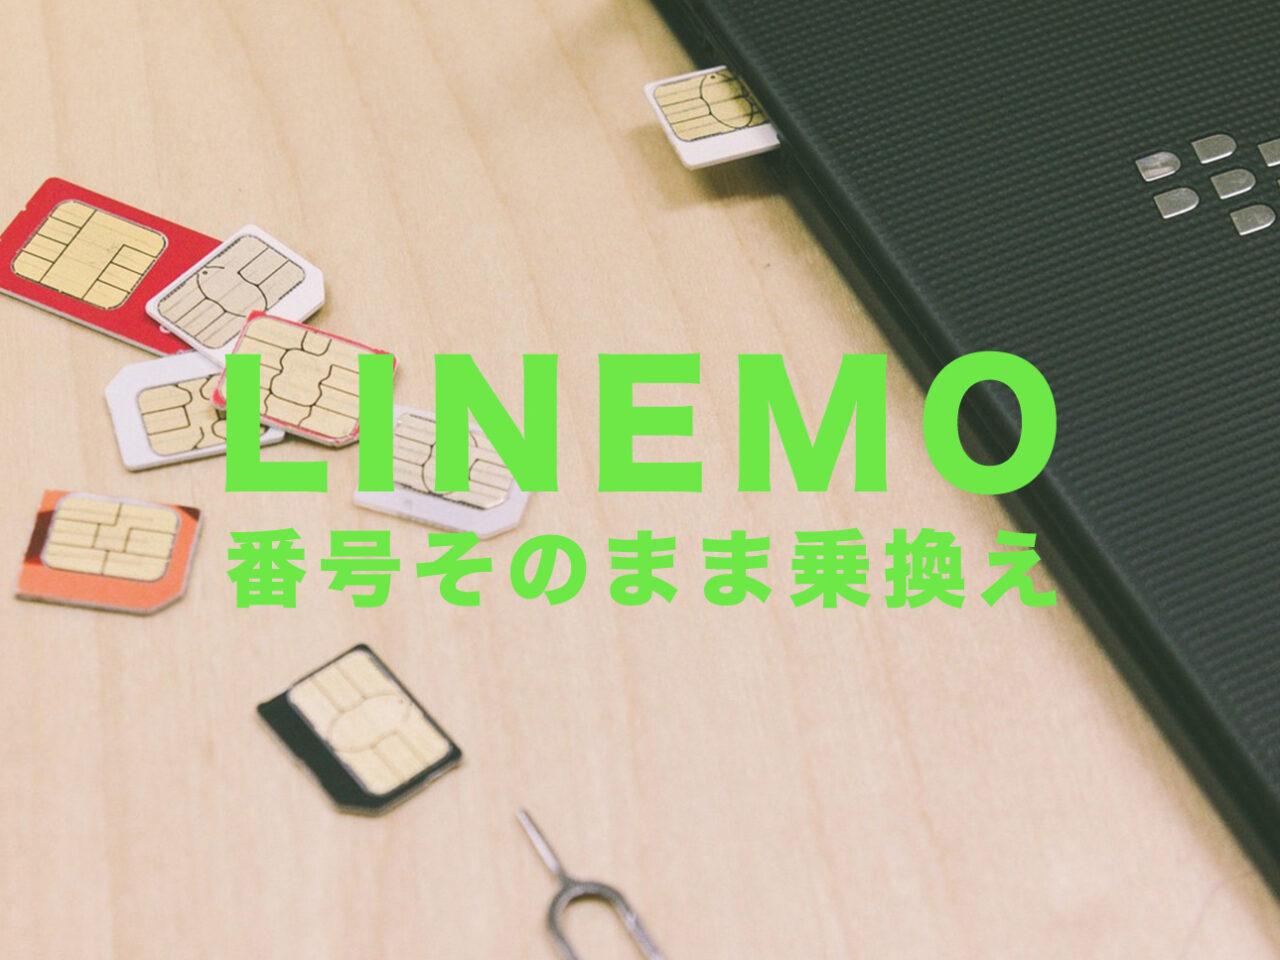 ラインモ(LINEMO)は番号そのままで使える?電話番号は引き継ぎできる?のサムネイル画像